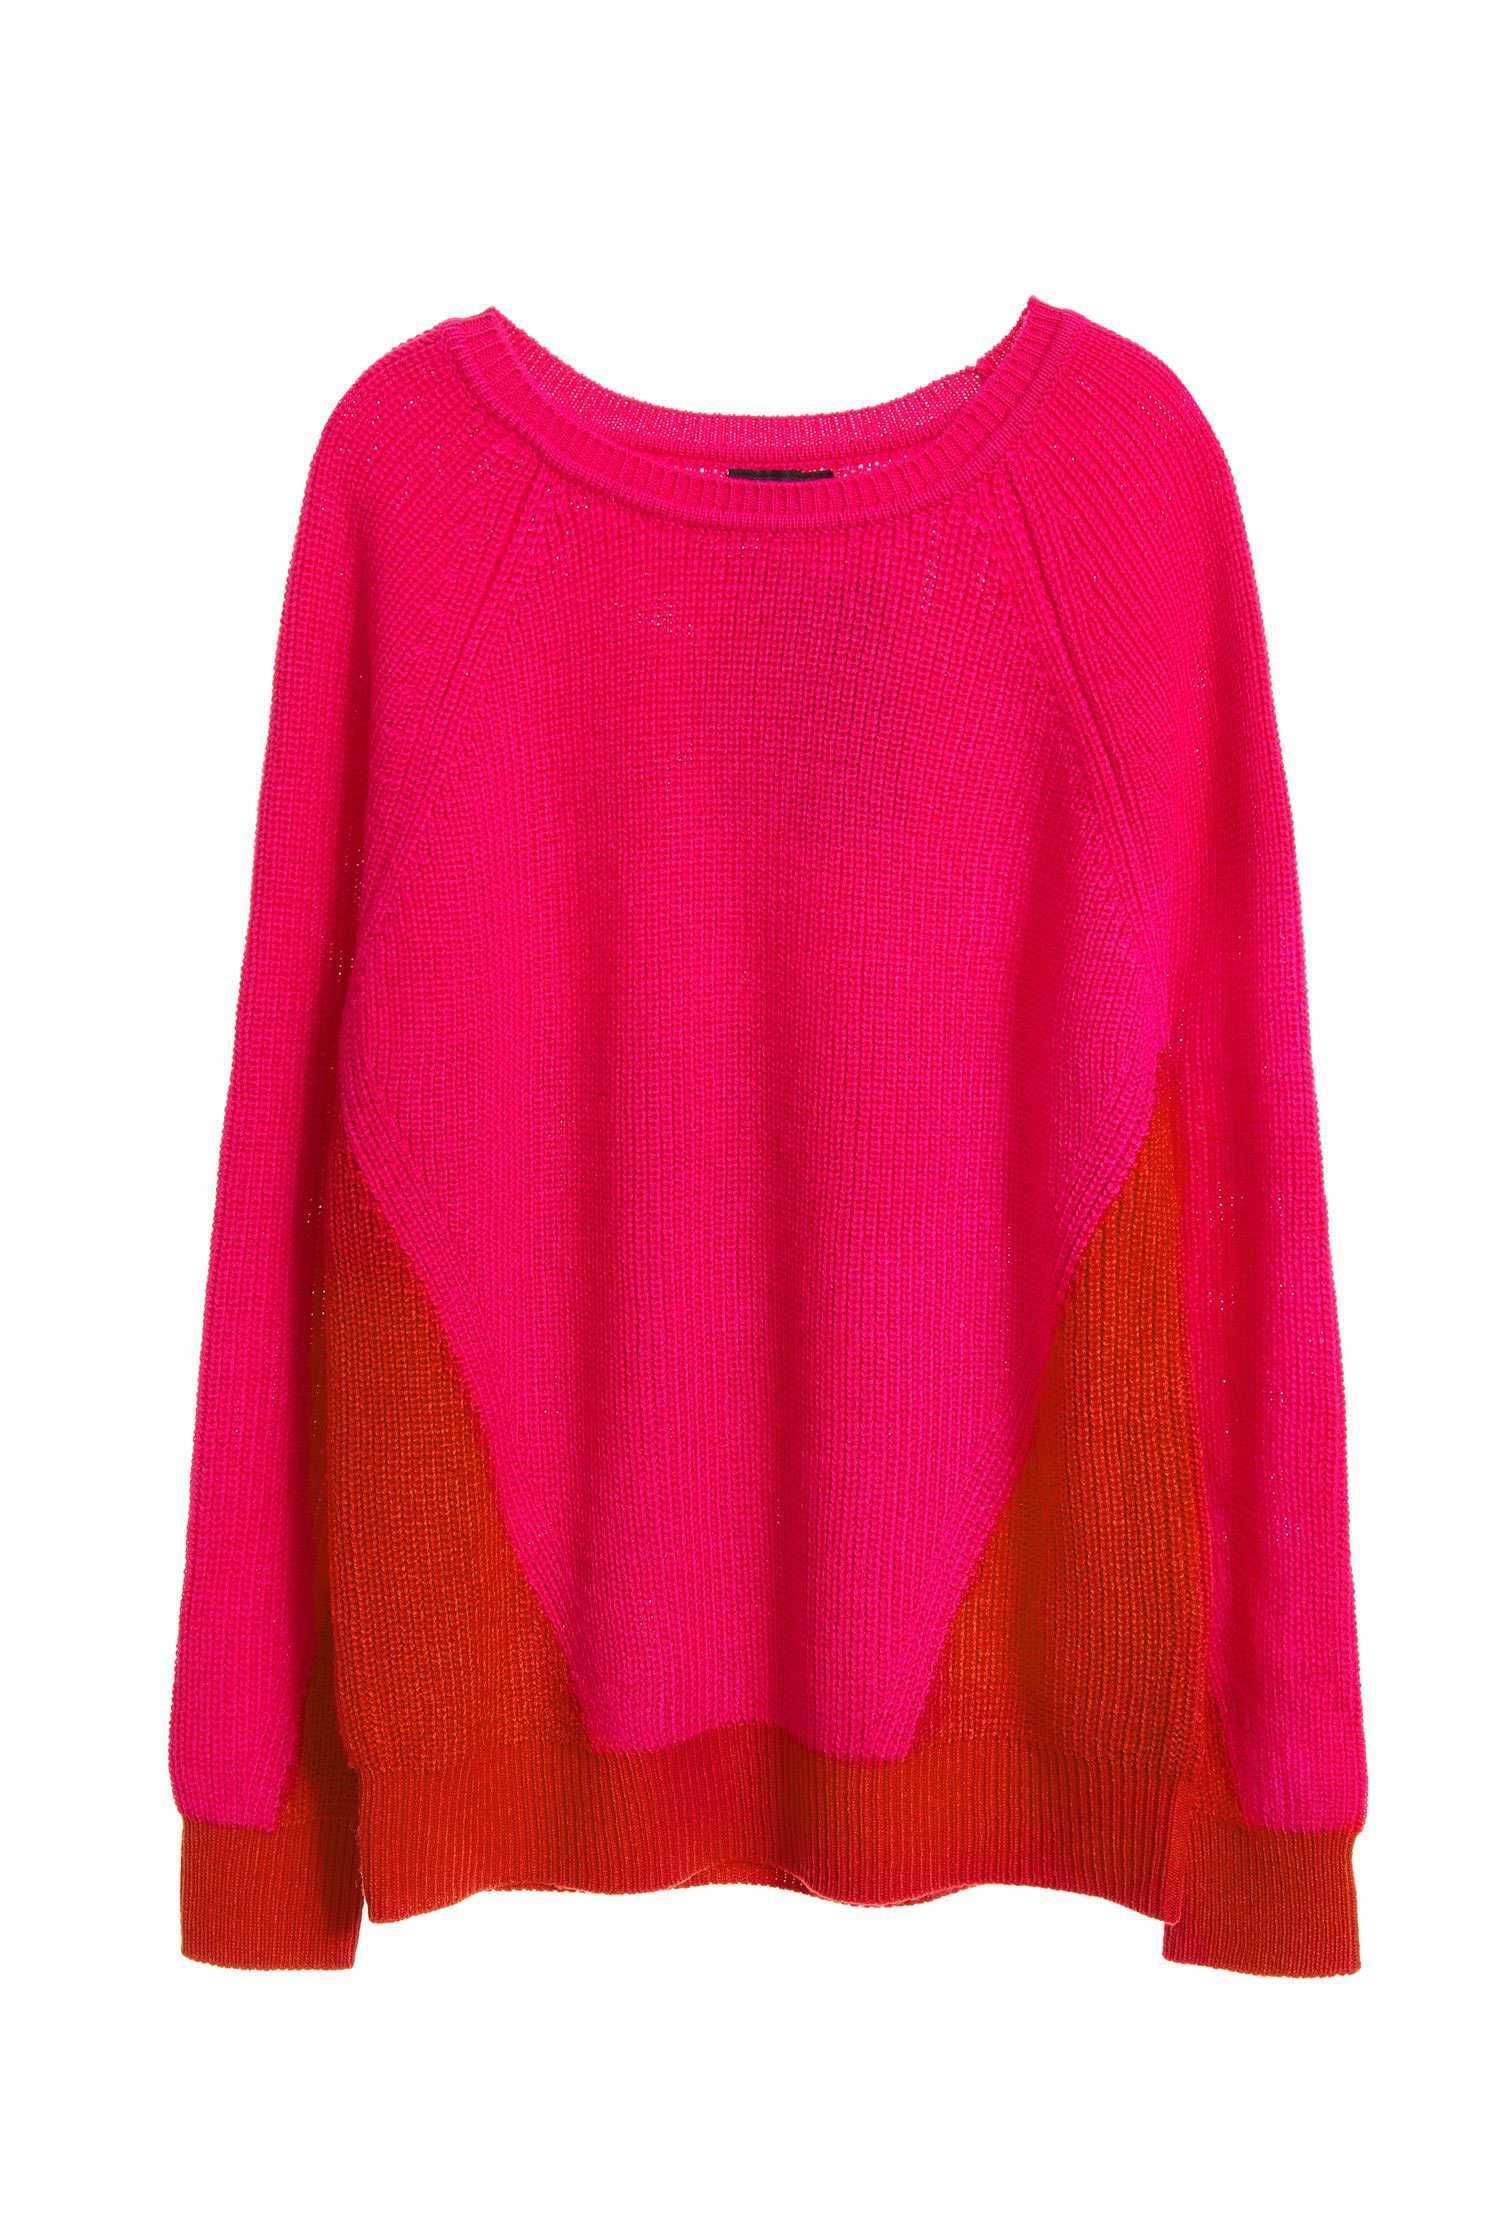 Color loose knitwear